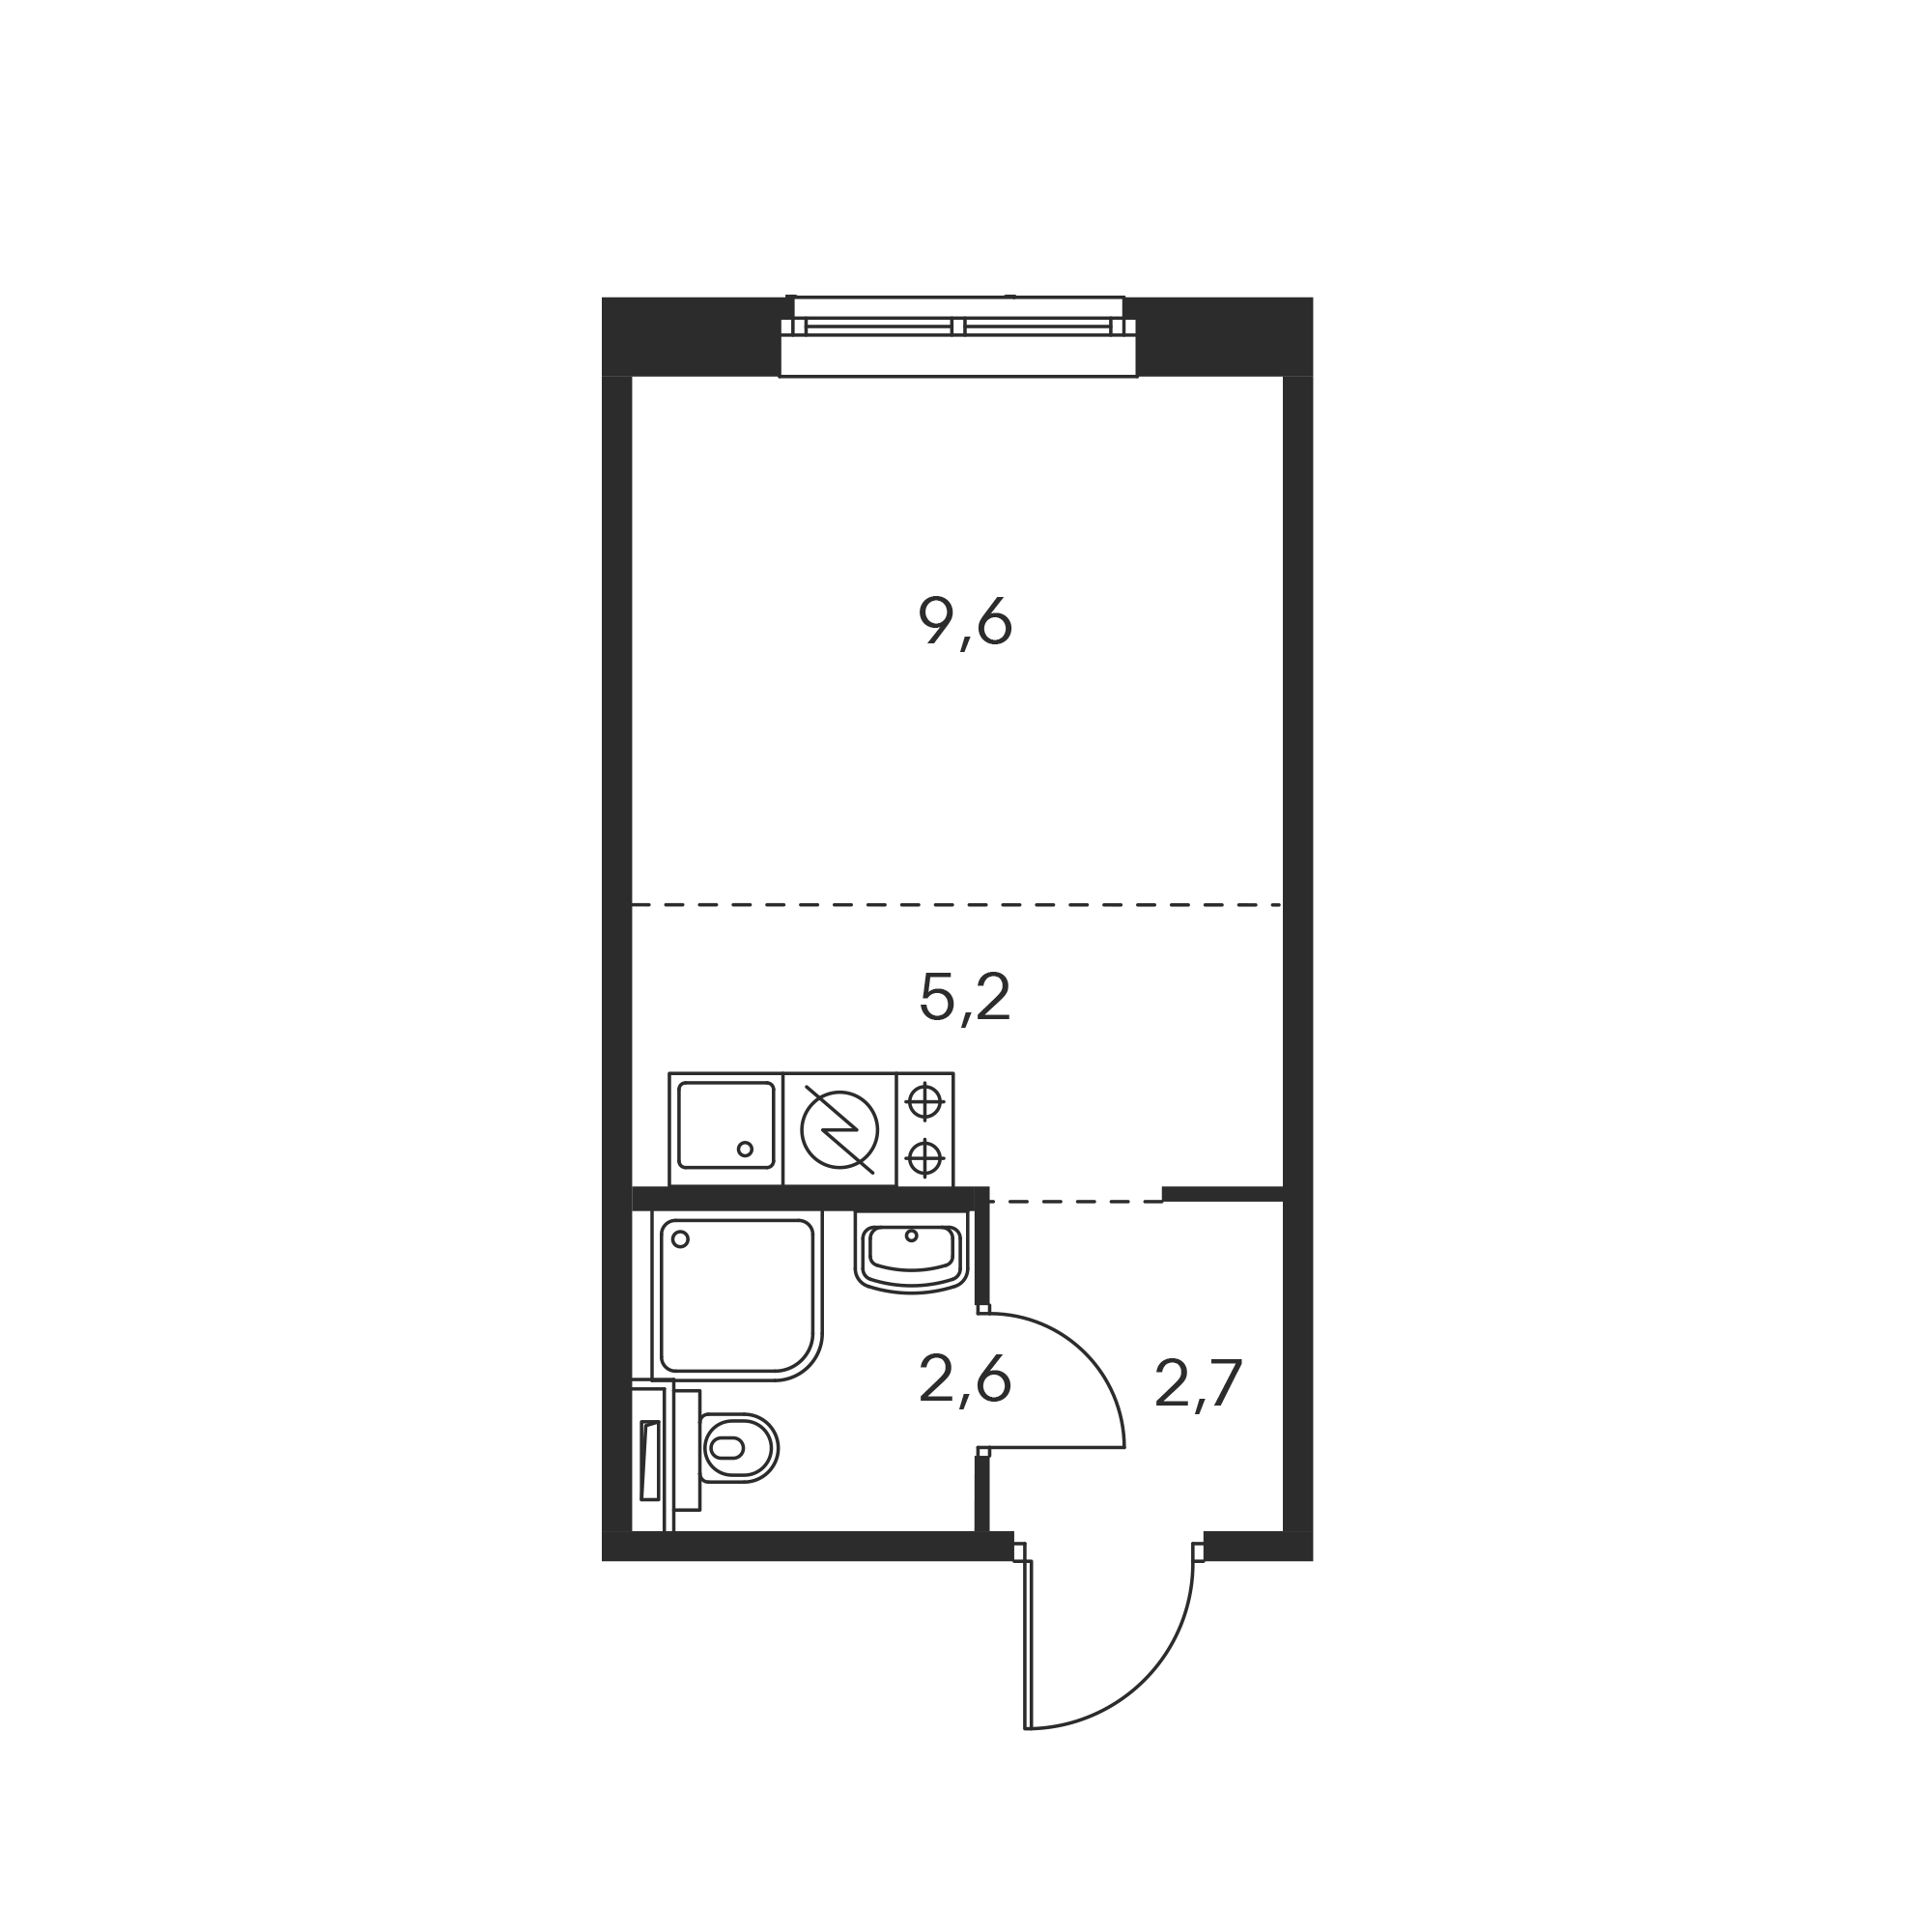 фото 1 ком. квартира - Калужское, жилой комплекс Бунинские Луга (посёлок Коммунарка), м. Бунинская аллея